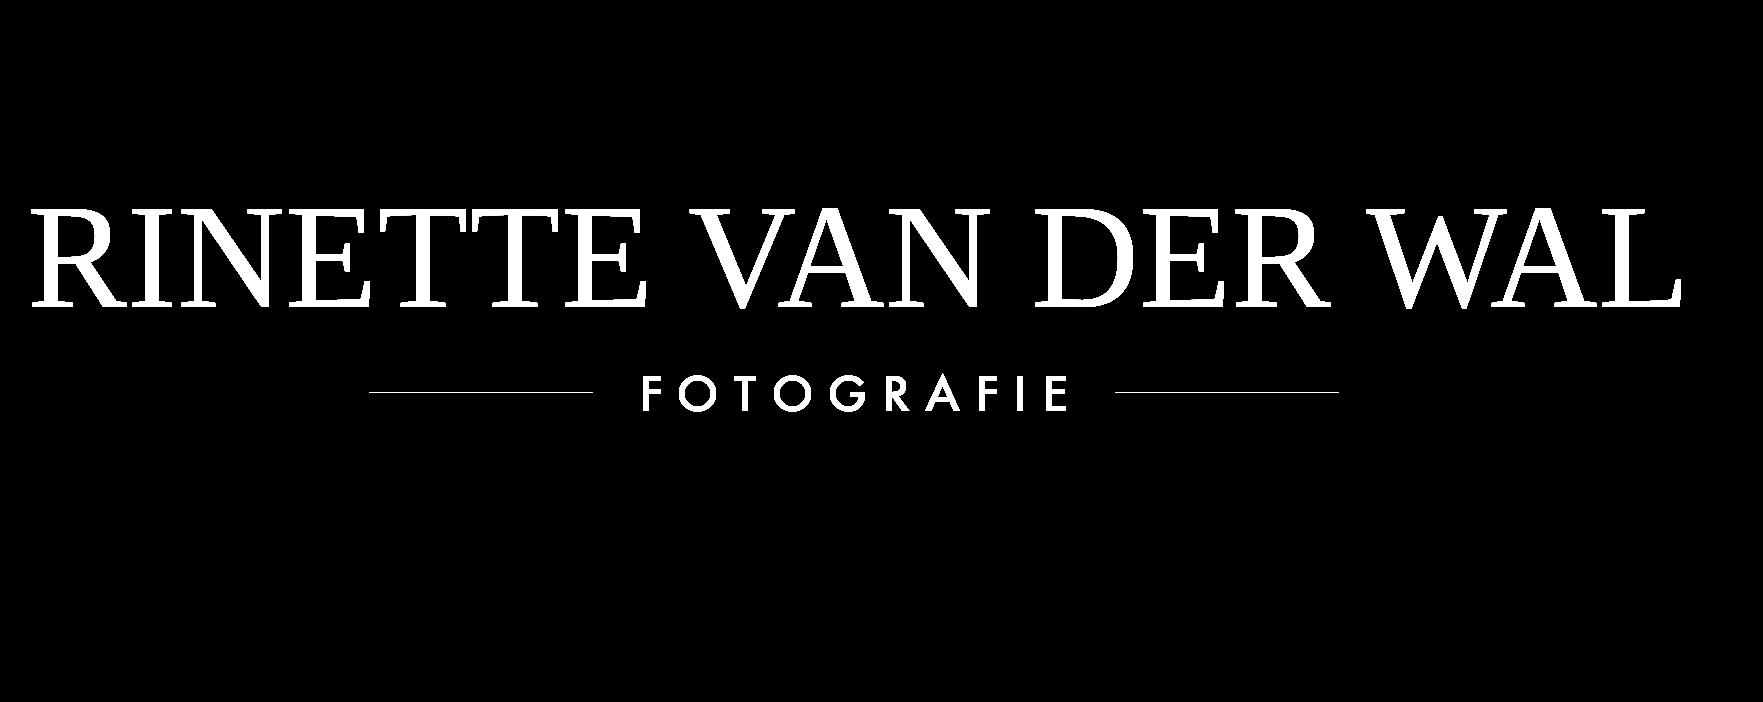 Rinette van der Wal